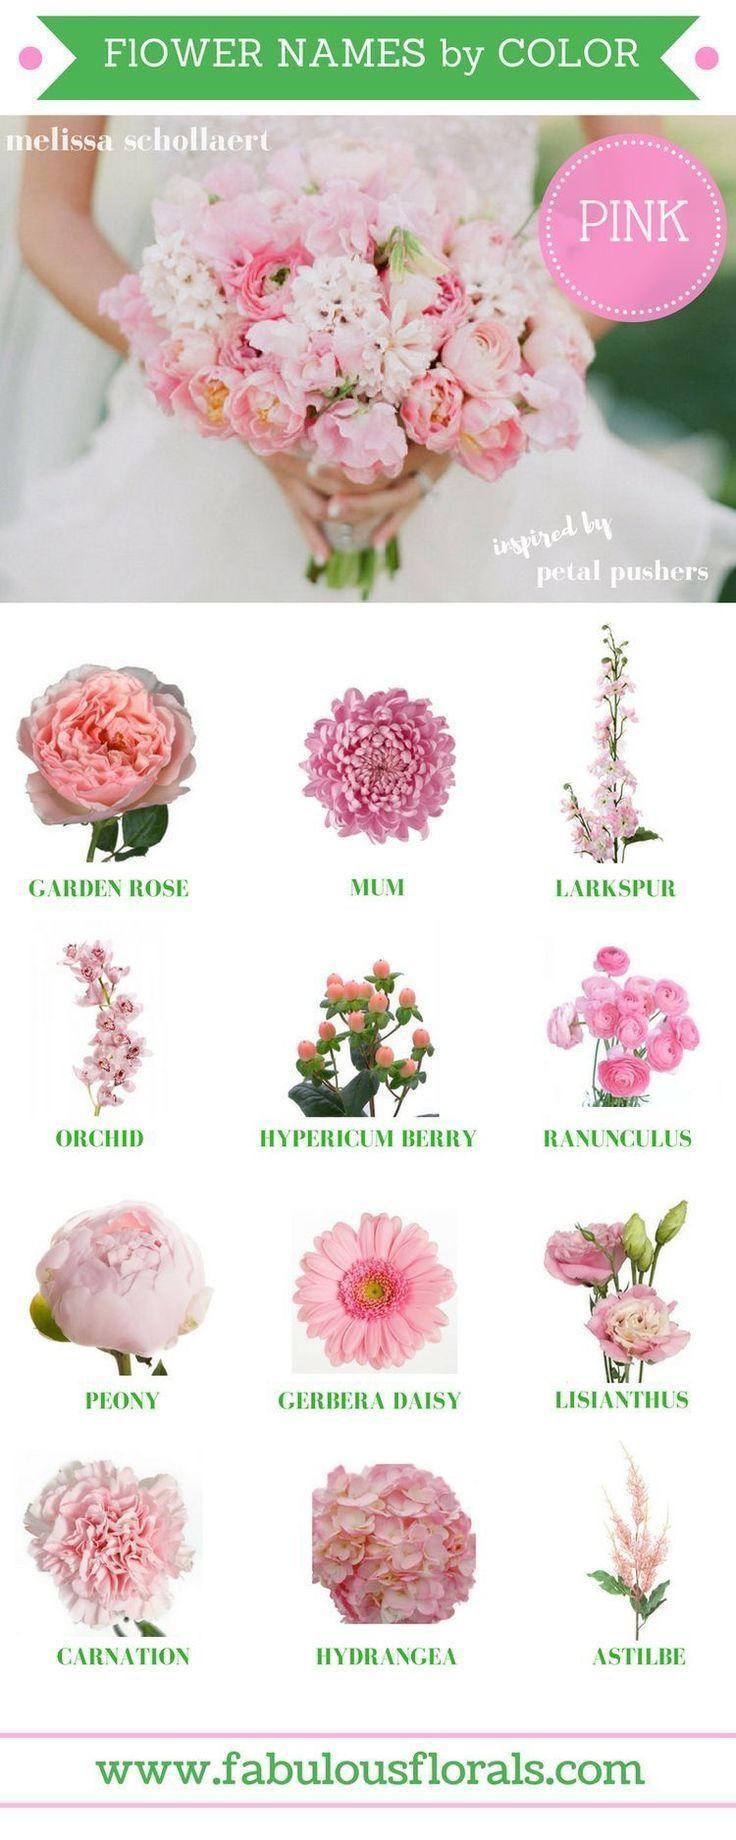 Pink wedding flower trends for 2018 shop pink wedding flowers pink wedding flower trends for 2018 shop pink wedding flowers online pinkwedding mightylinksfo